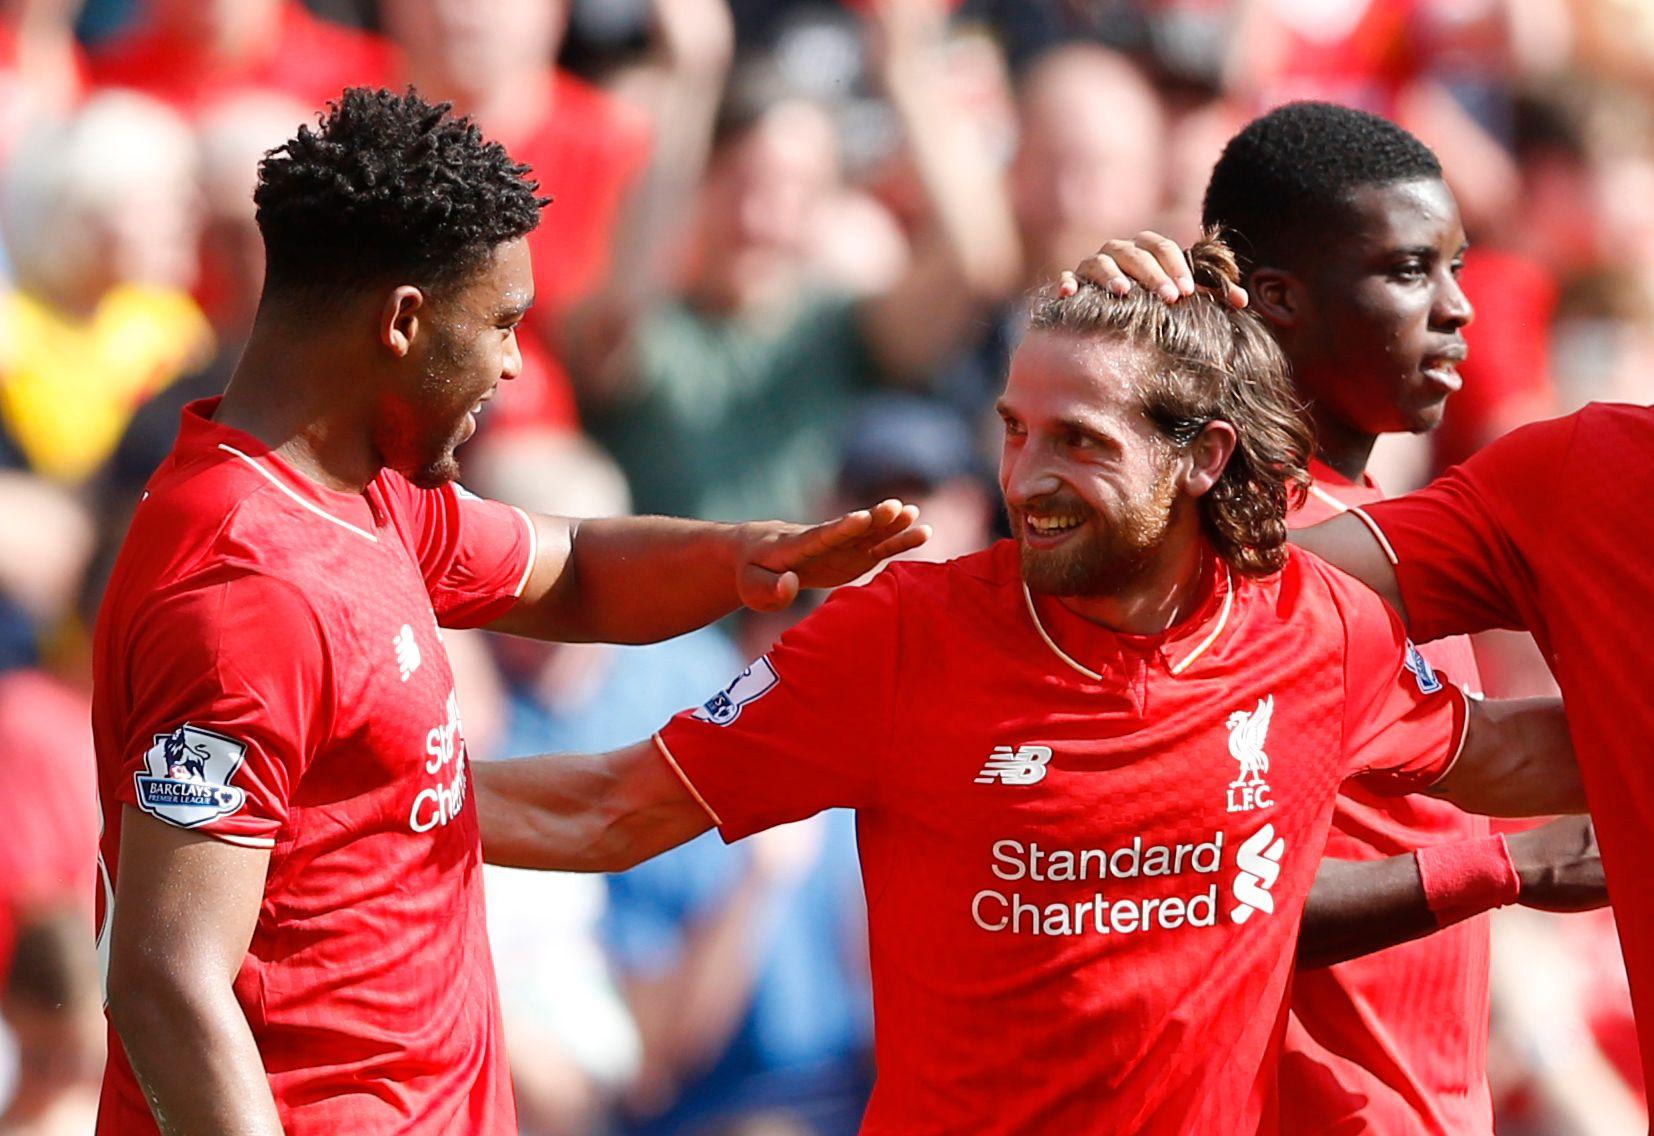 MÅLSCORER: Joe Allen feirer etter å ha scoret 1-0-målet for Liverpool mot Watford. Til venstre: Jordon Ibe.